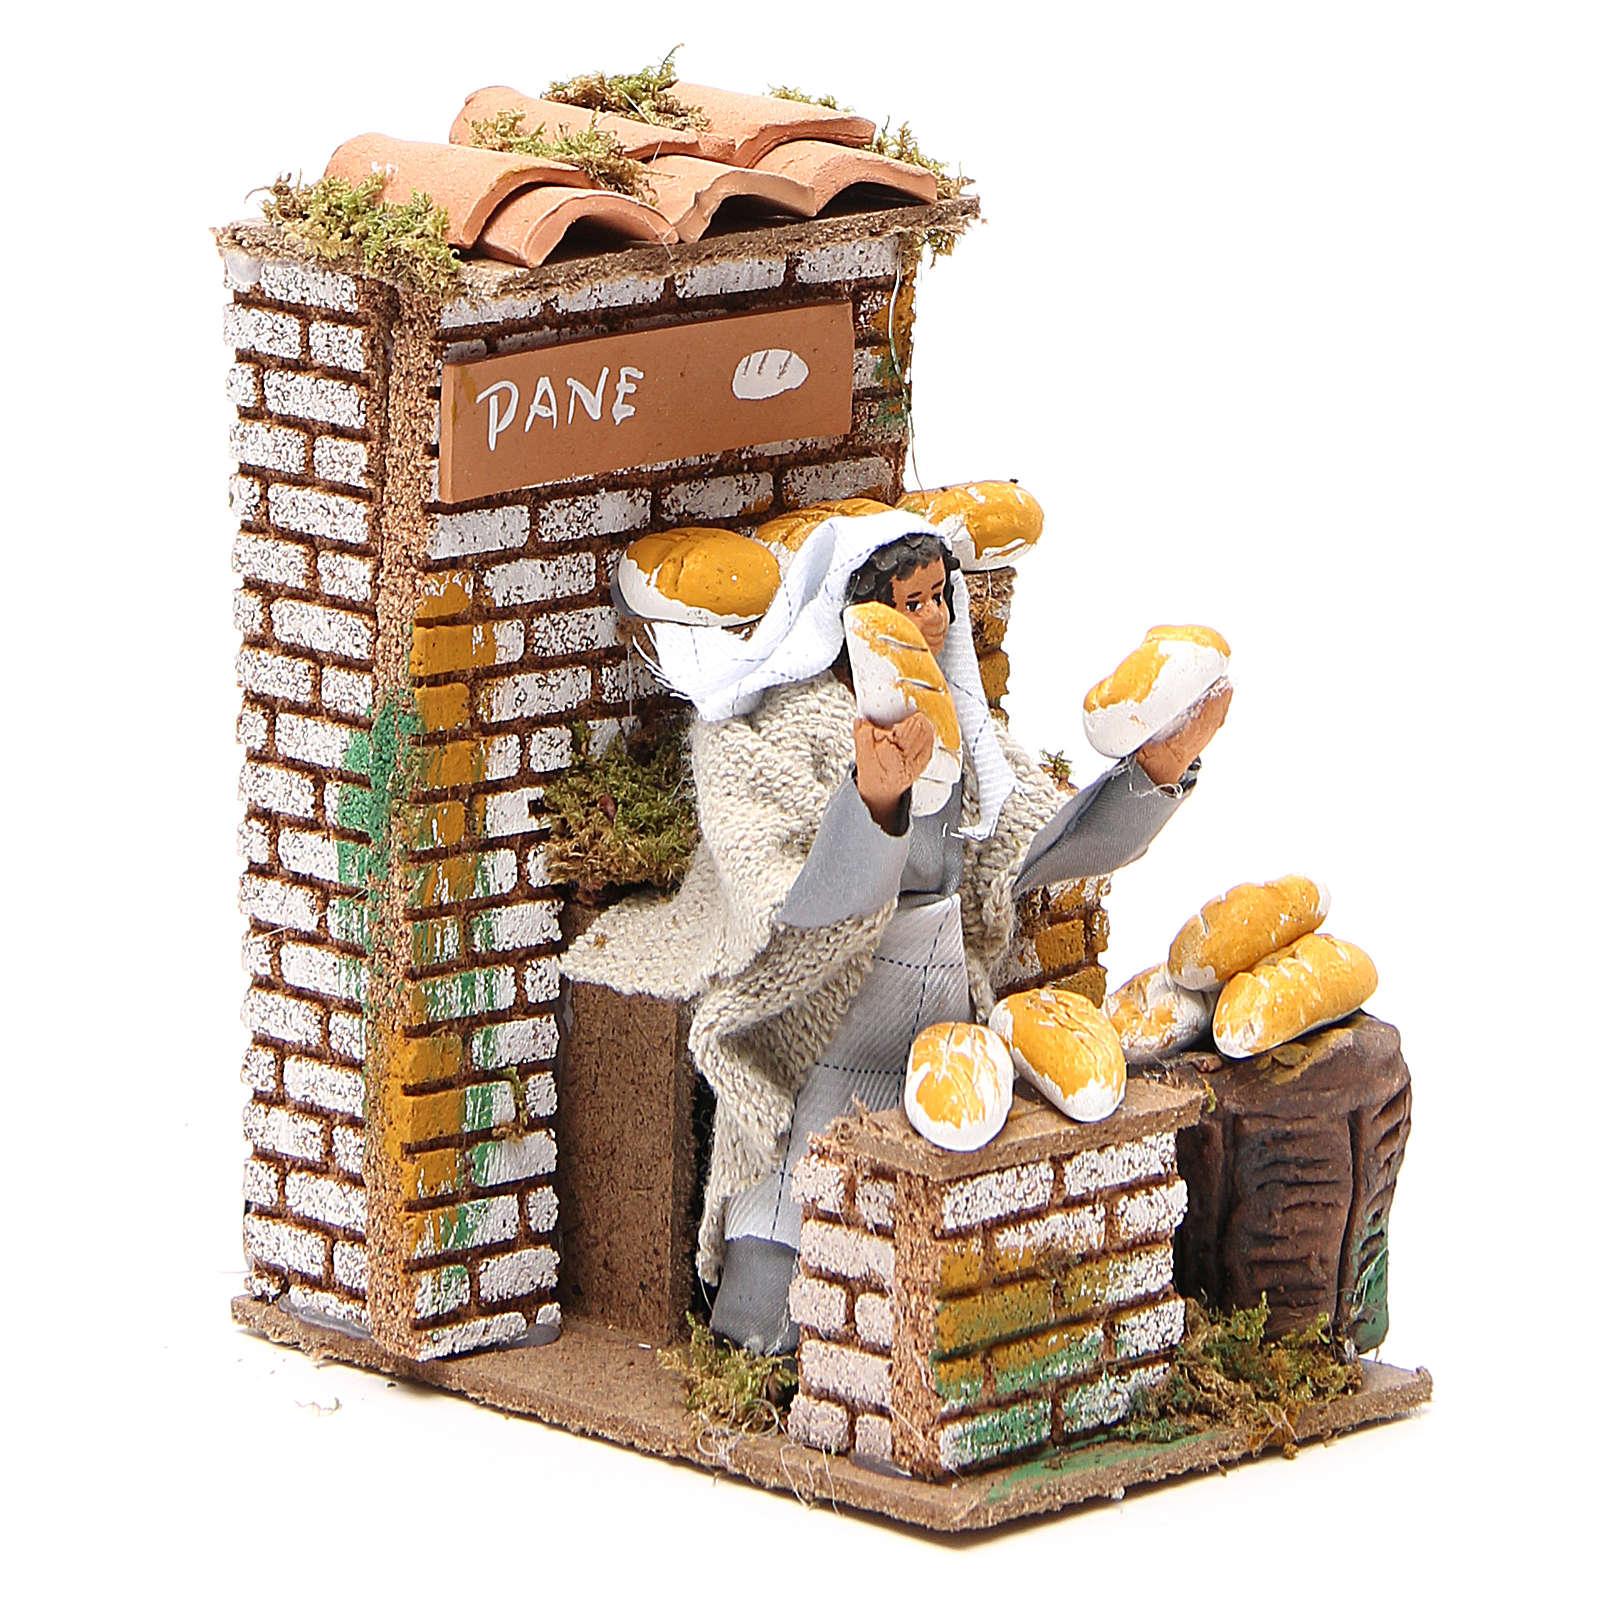 Atelier du pain 10 cm animation crèche 3